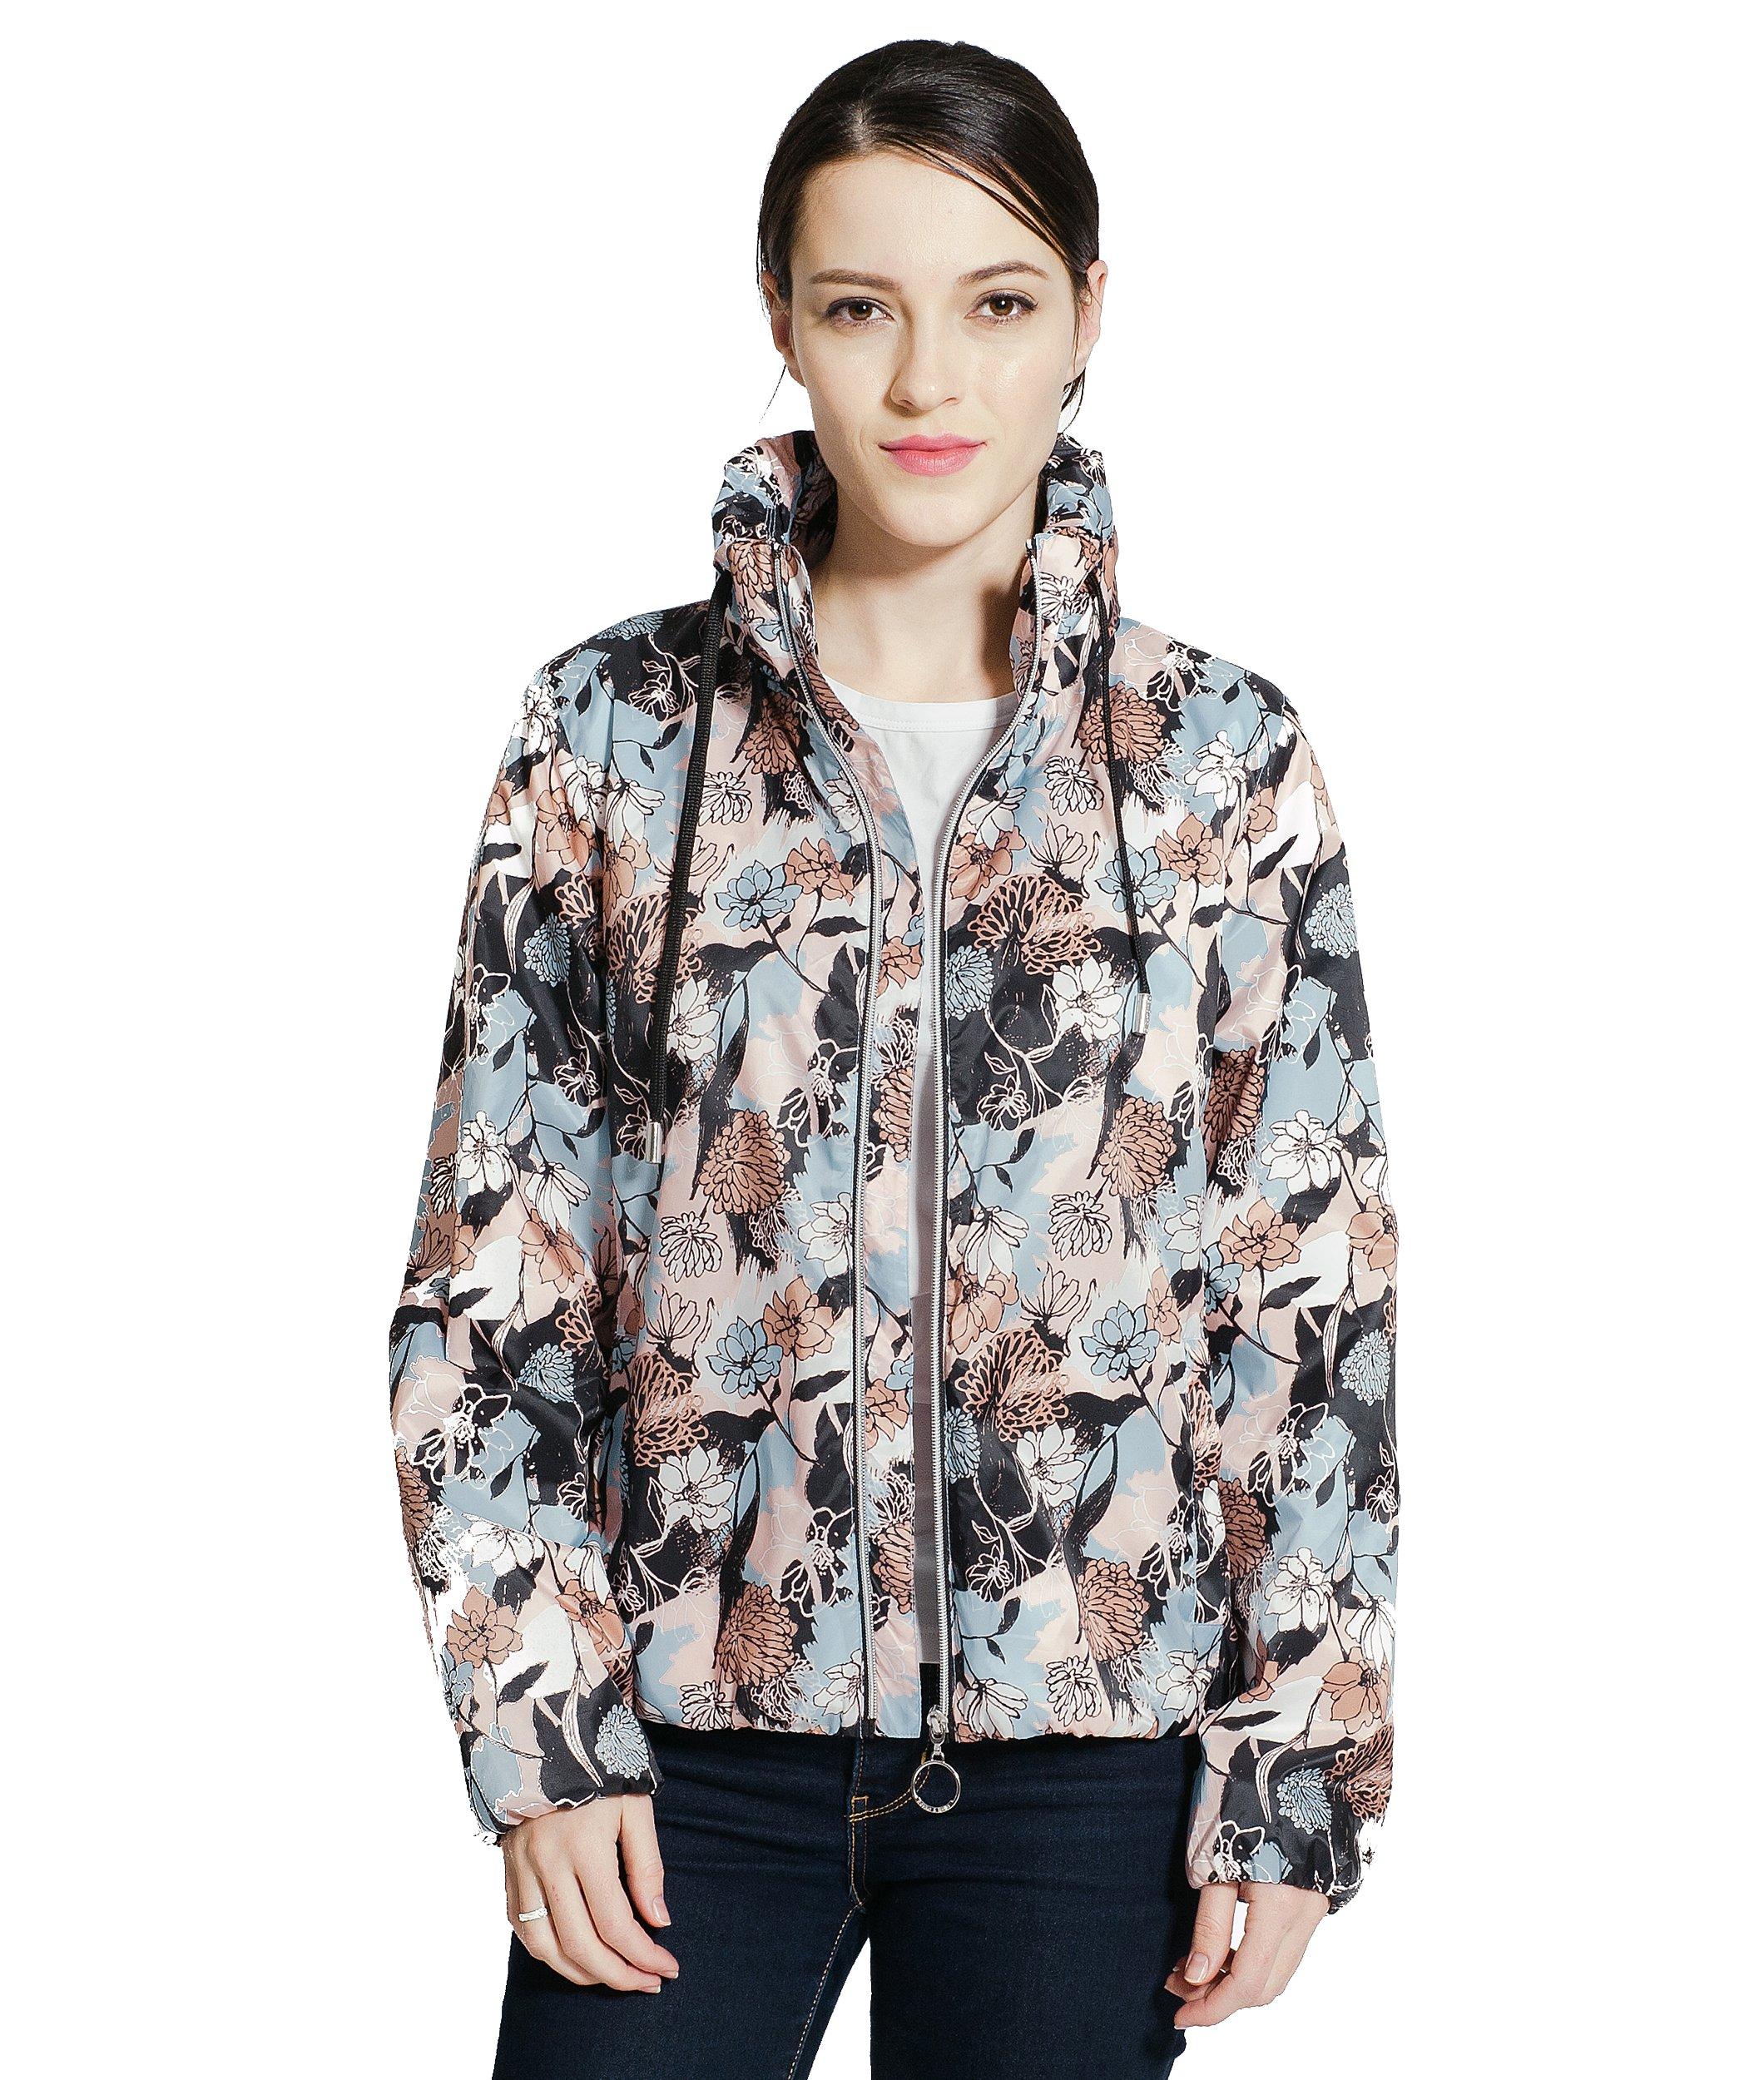 Rokka&Rolla Women's Lightweight Water Resistant Casual Active Sports Hooded Windbreaker Rain Jacket by Rokka&Rolla